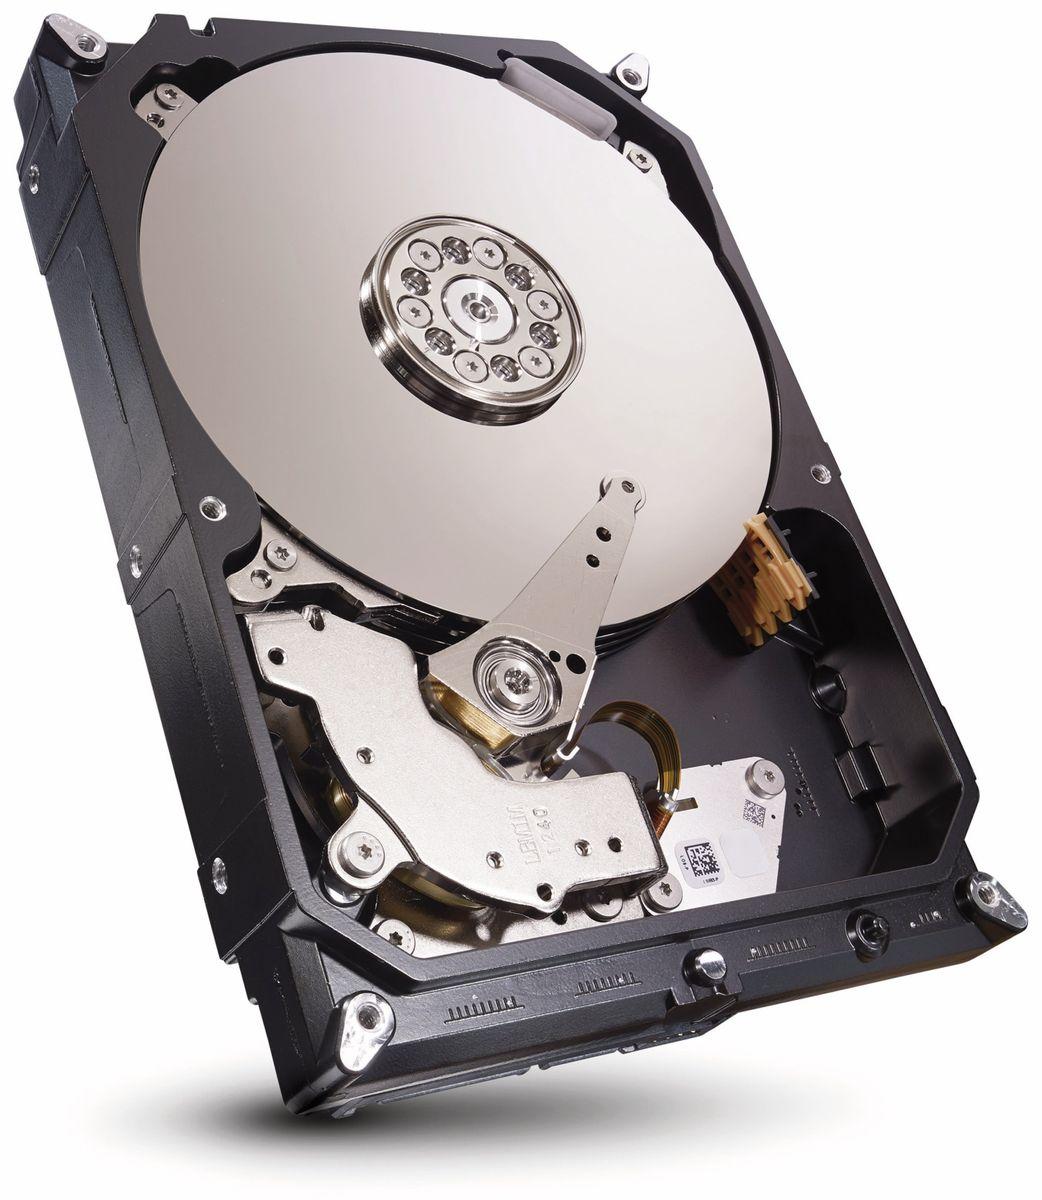 SATA-HDD SEAGATE/WD, 320 GB, 3,5